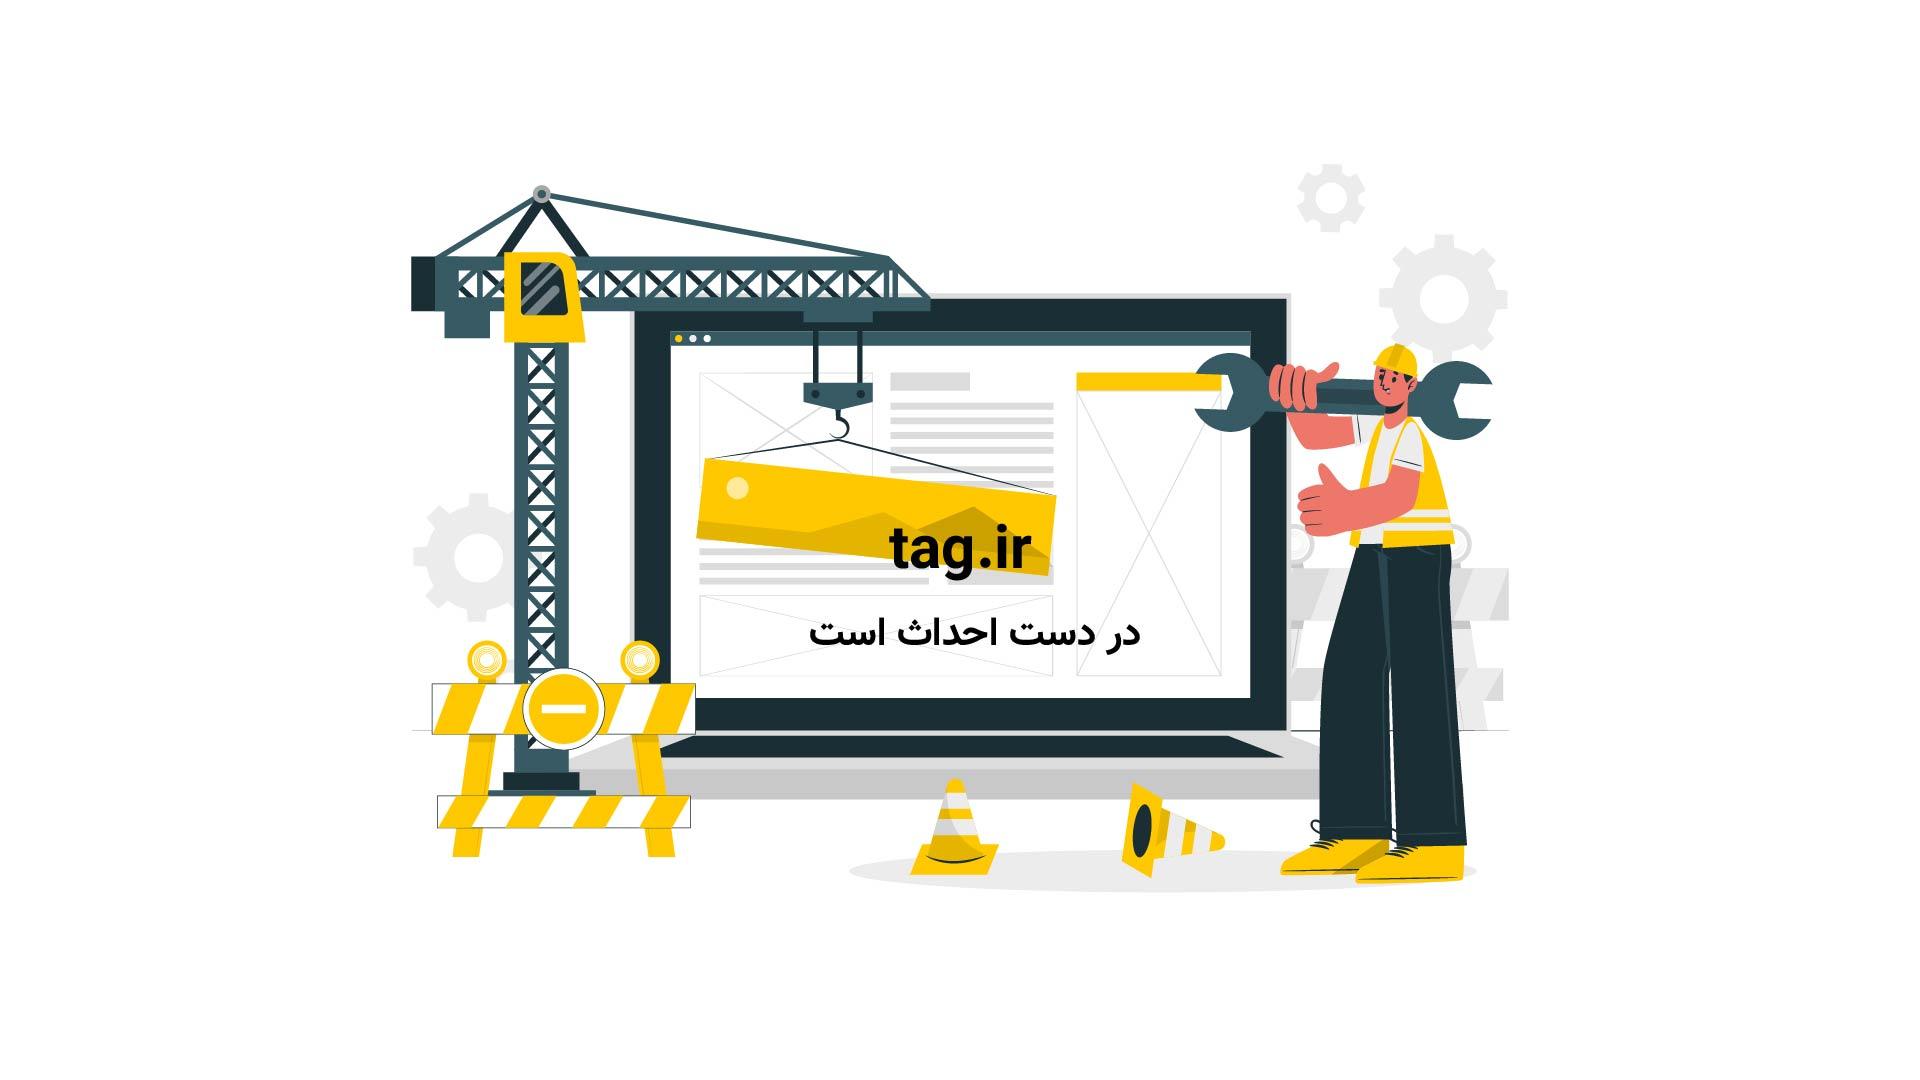 فیلم لحظه بازداشت فرد مهاجم در حمله با سلاح سرد در آلمان